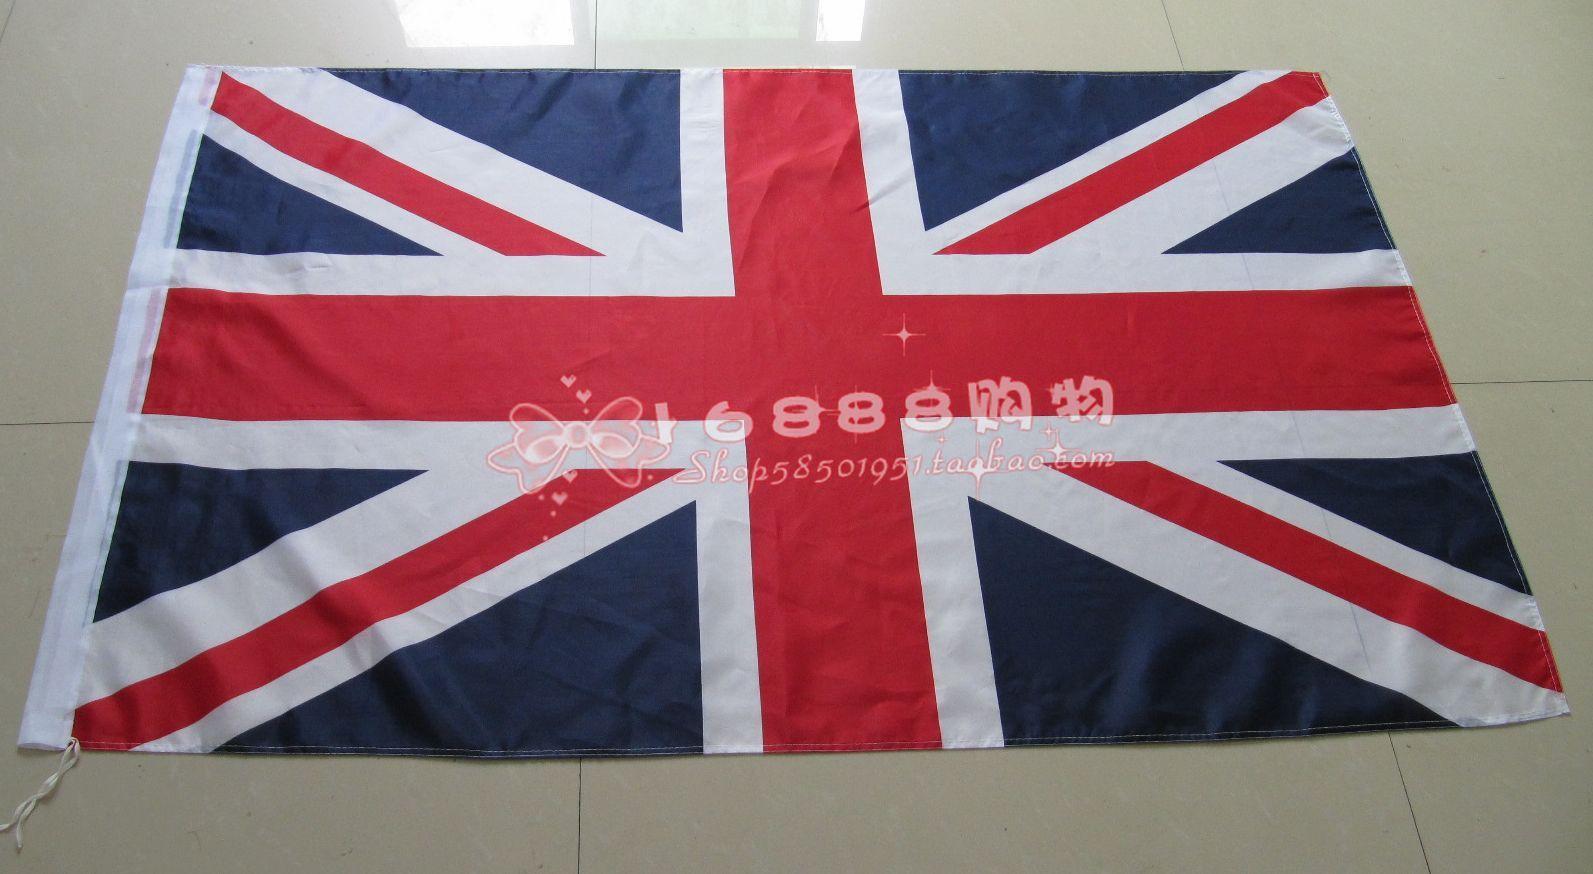 英國國旗在淘寶網的熱銷商品,目前共找到 4086筆資料。